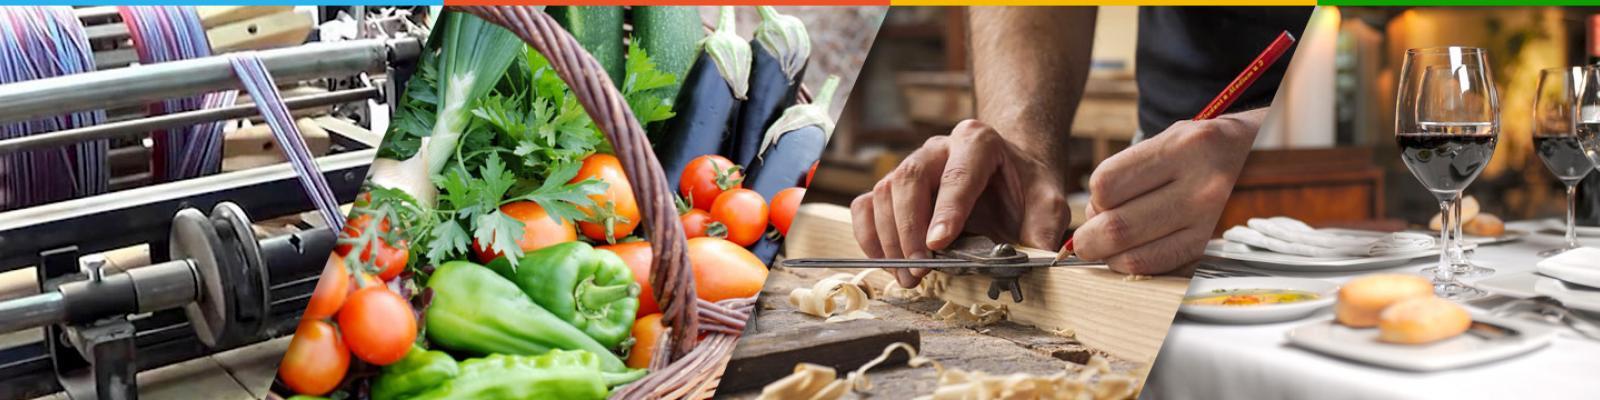 Artesania i Comerç Local